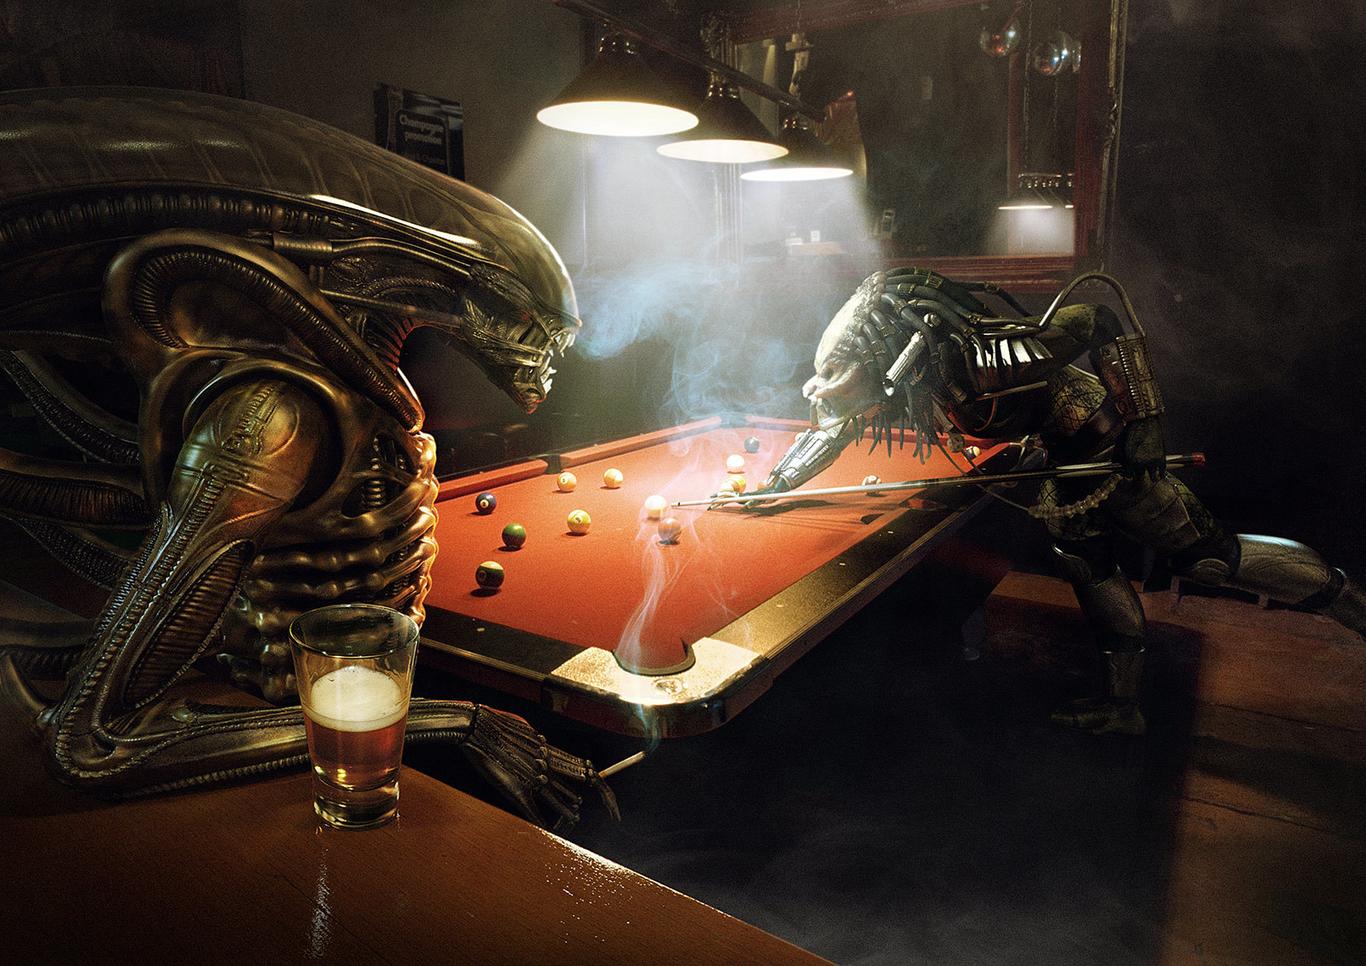 Xidon alien vs predator po 1 f62bb099 l3bi